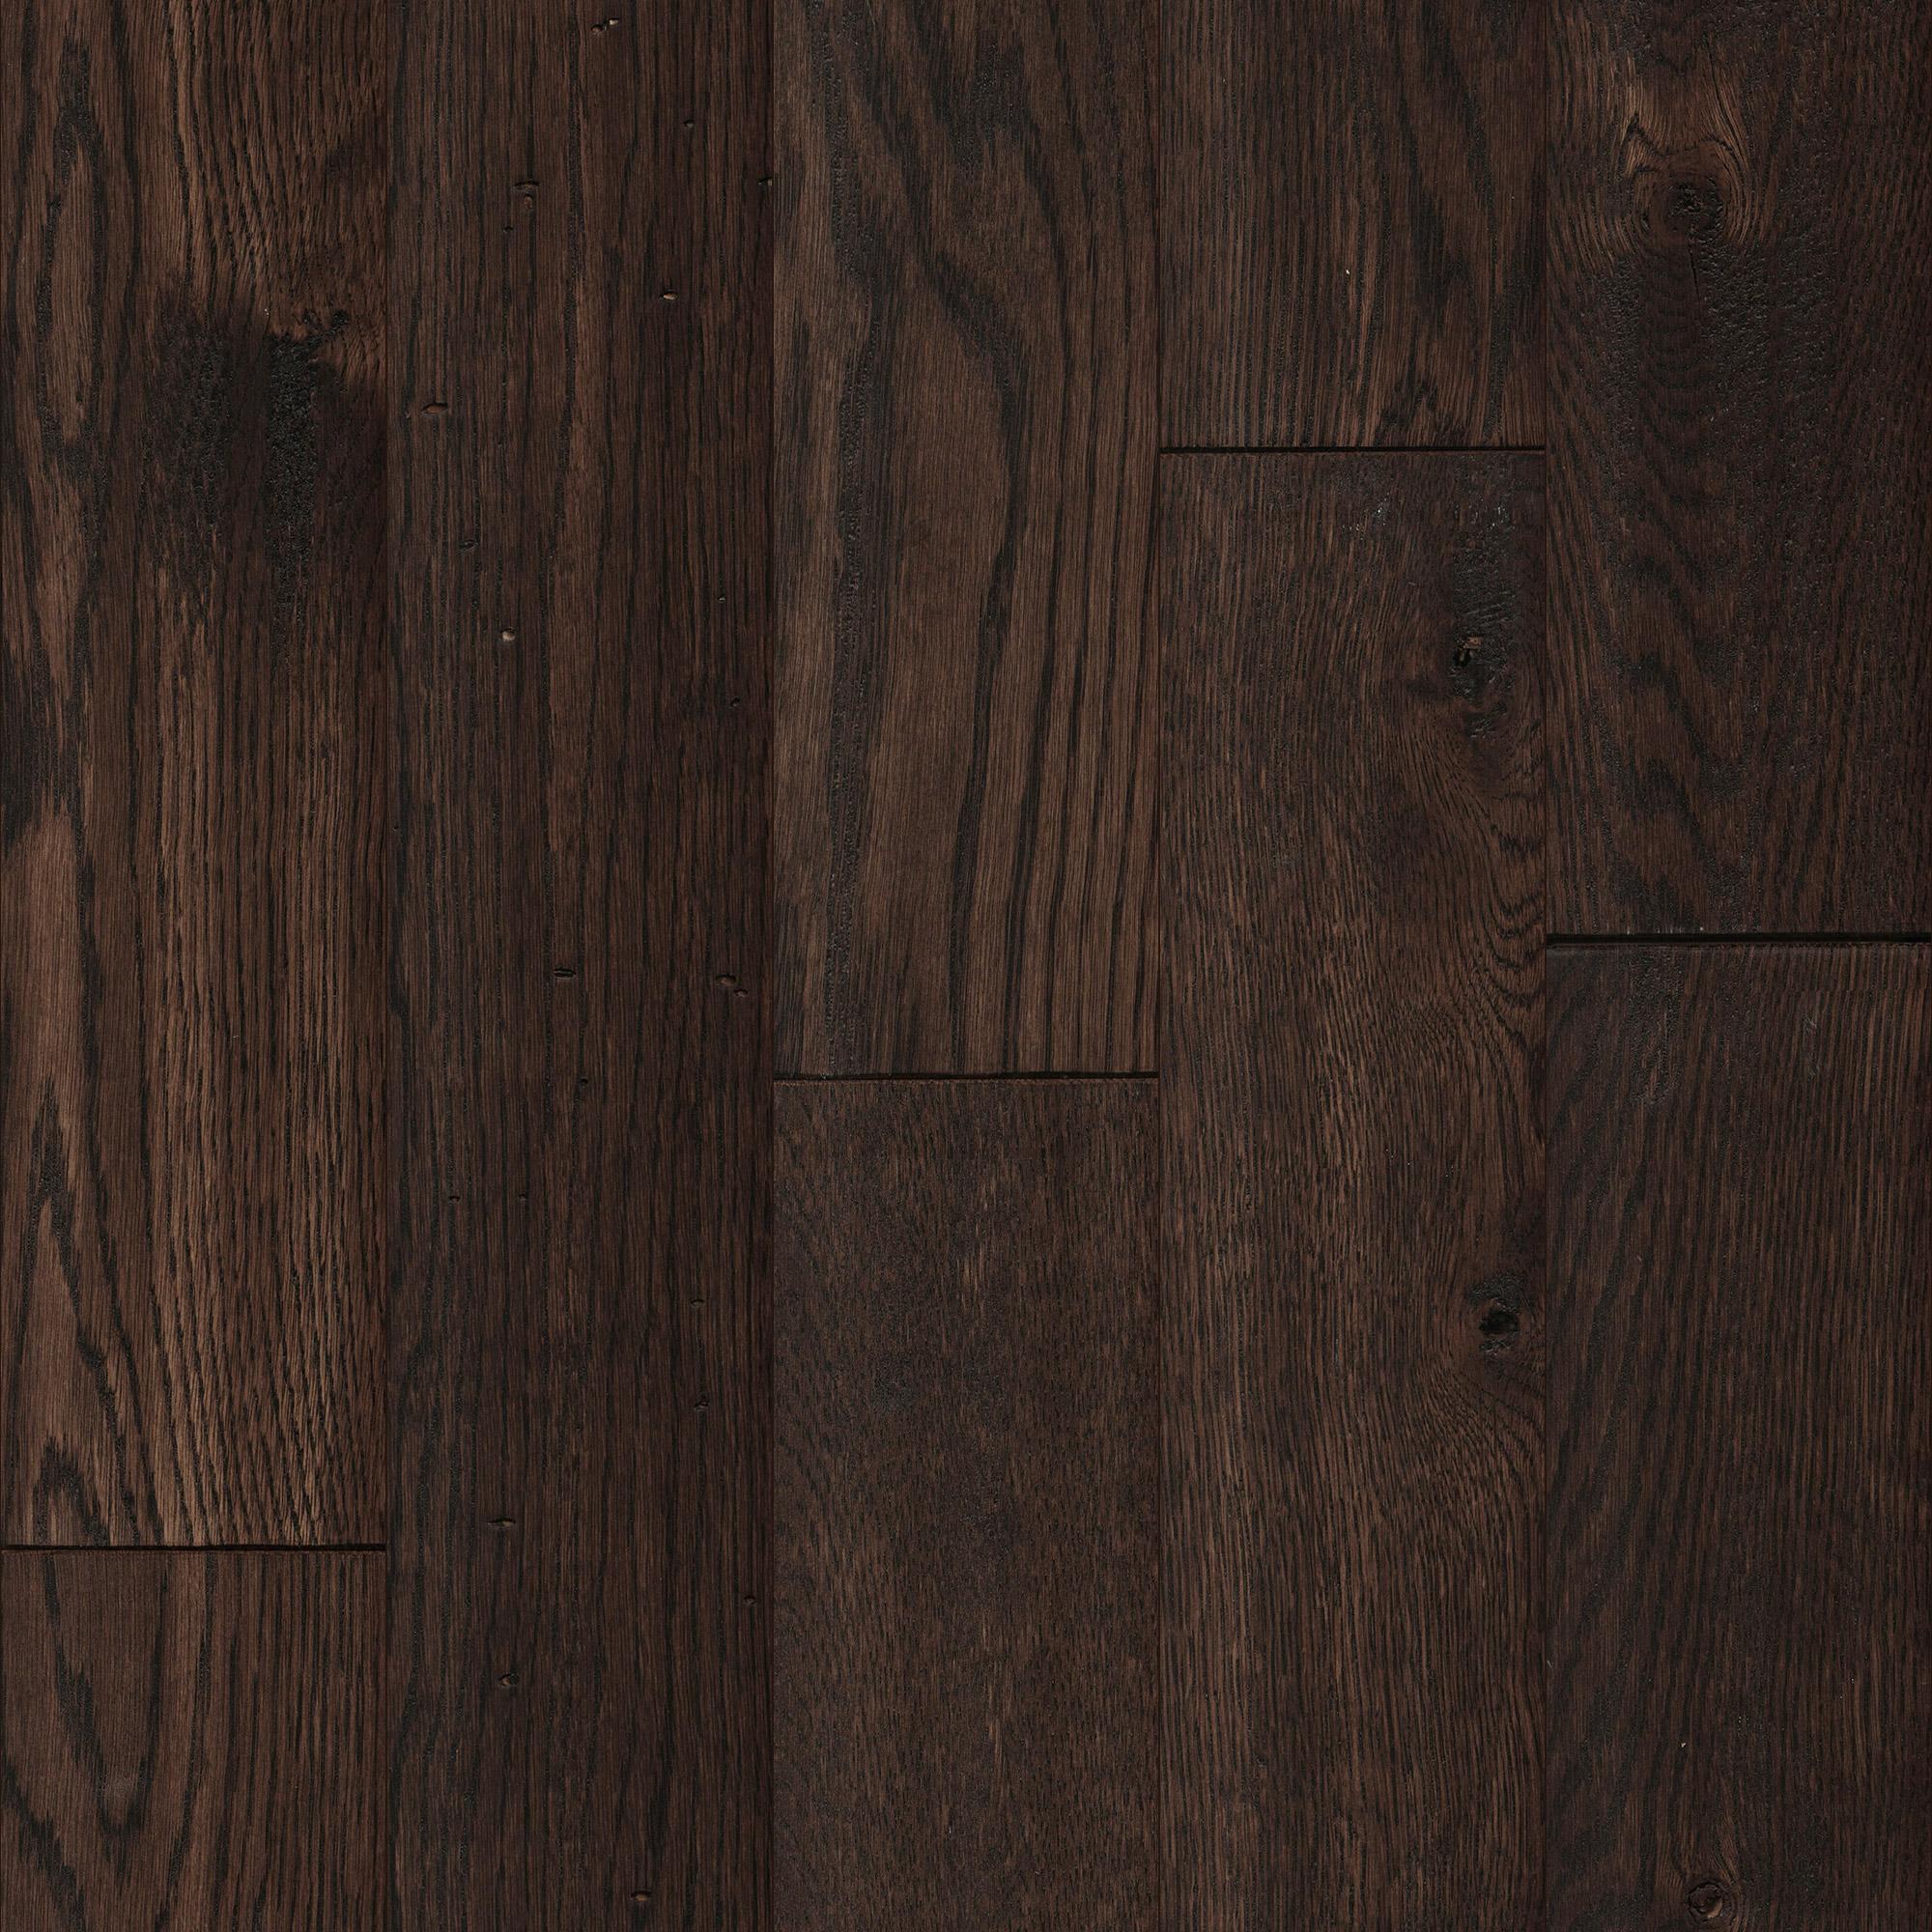 3 1 4 maple hardwood flooring of mullican chatelaine oak ebony 4 wide solid hardwood flooring in more views